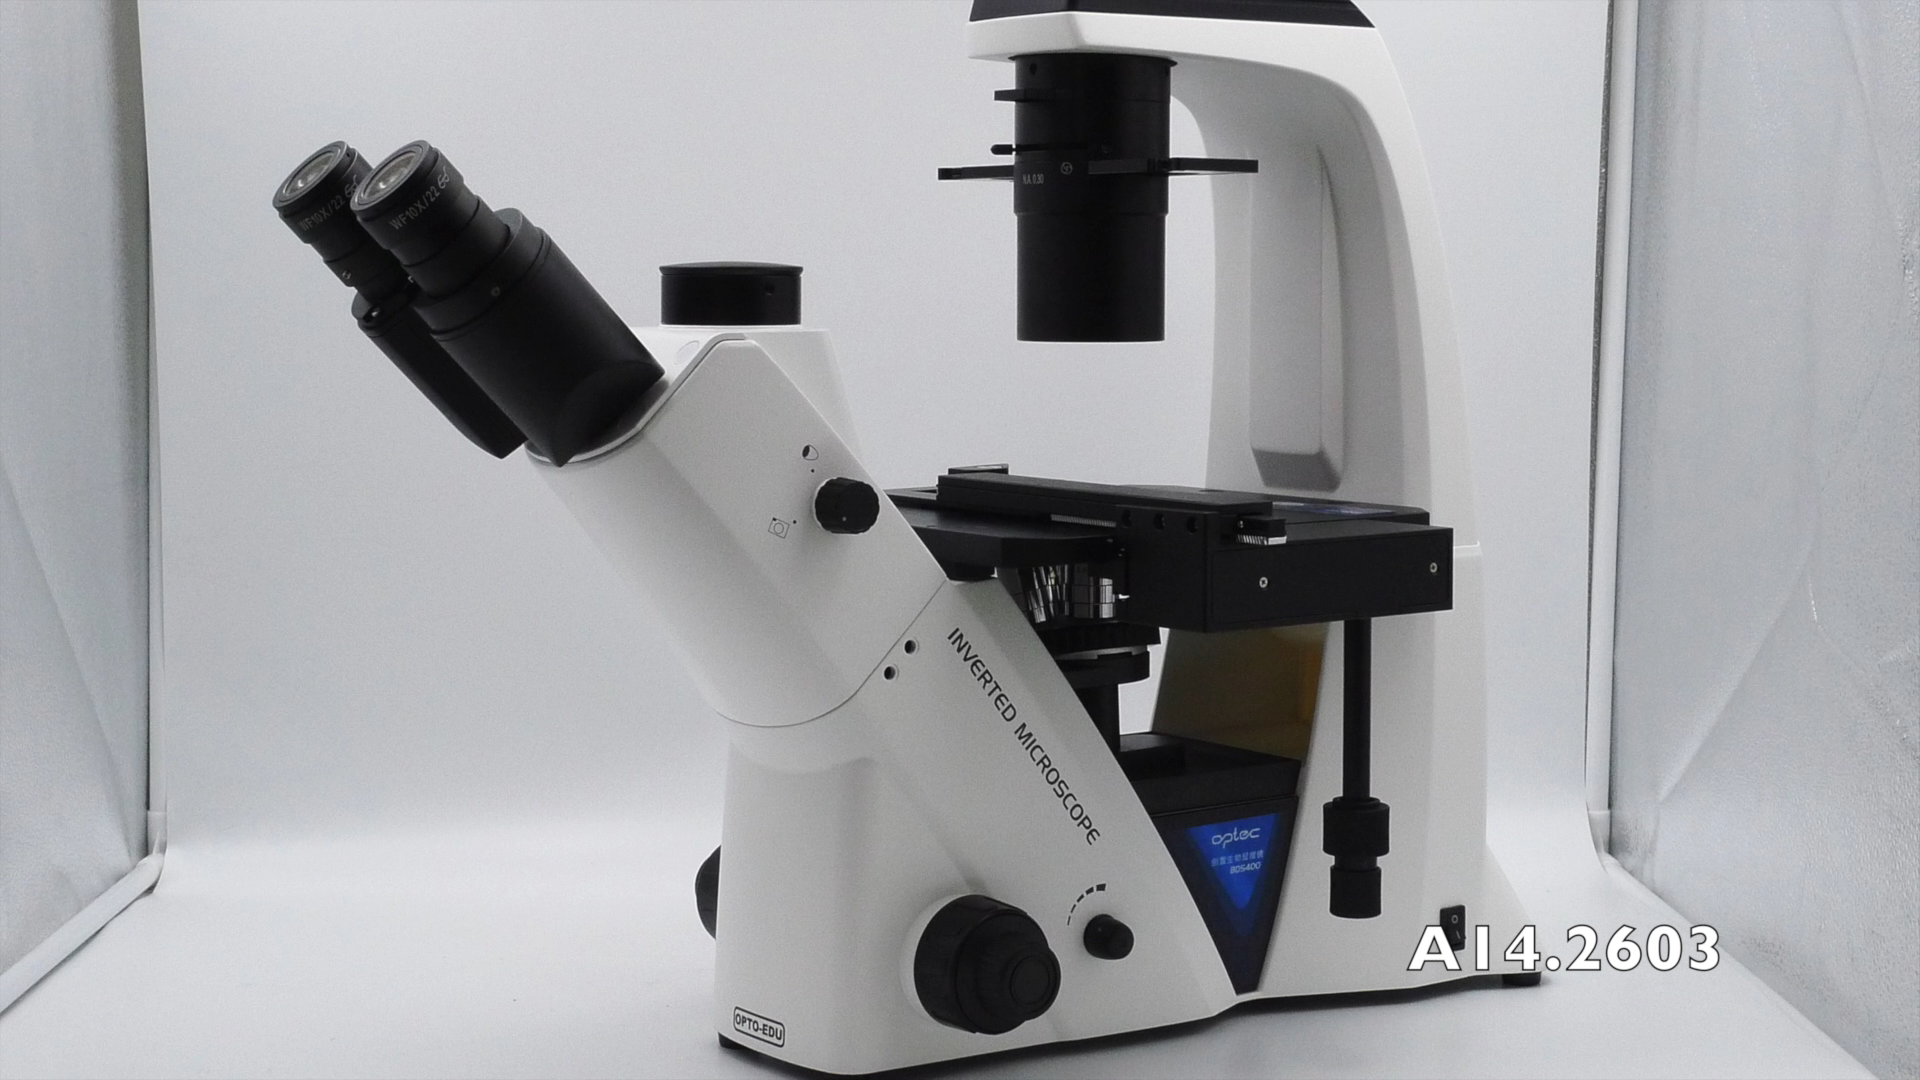 OPTO-EDU A14.2603 Тринокулярный фазовый контраст Перевернутый Биологический микроскоп